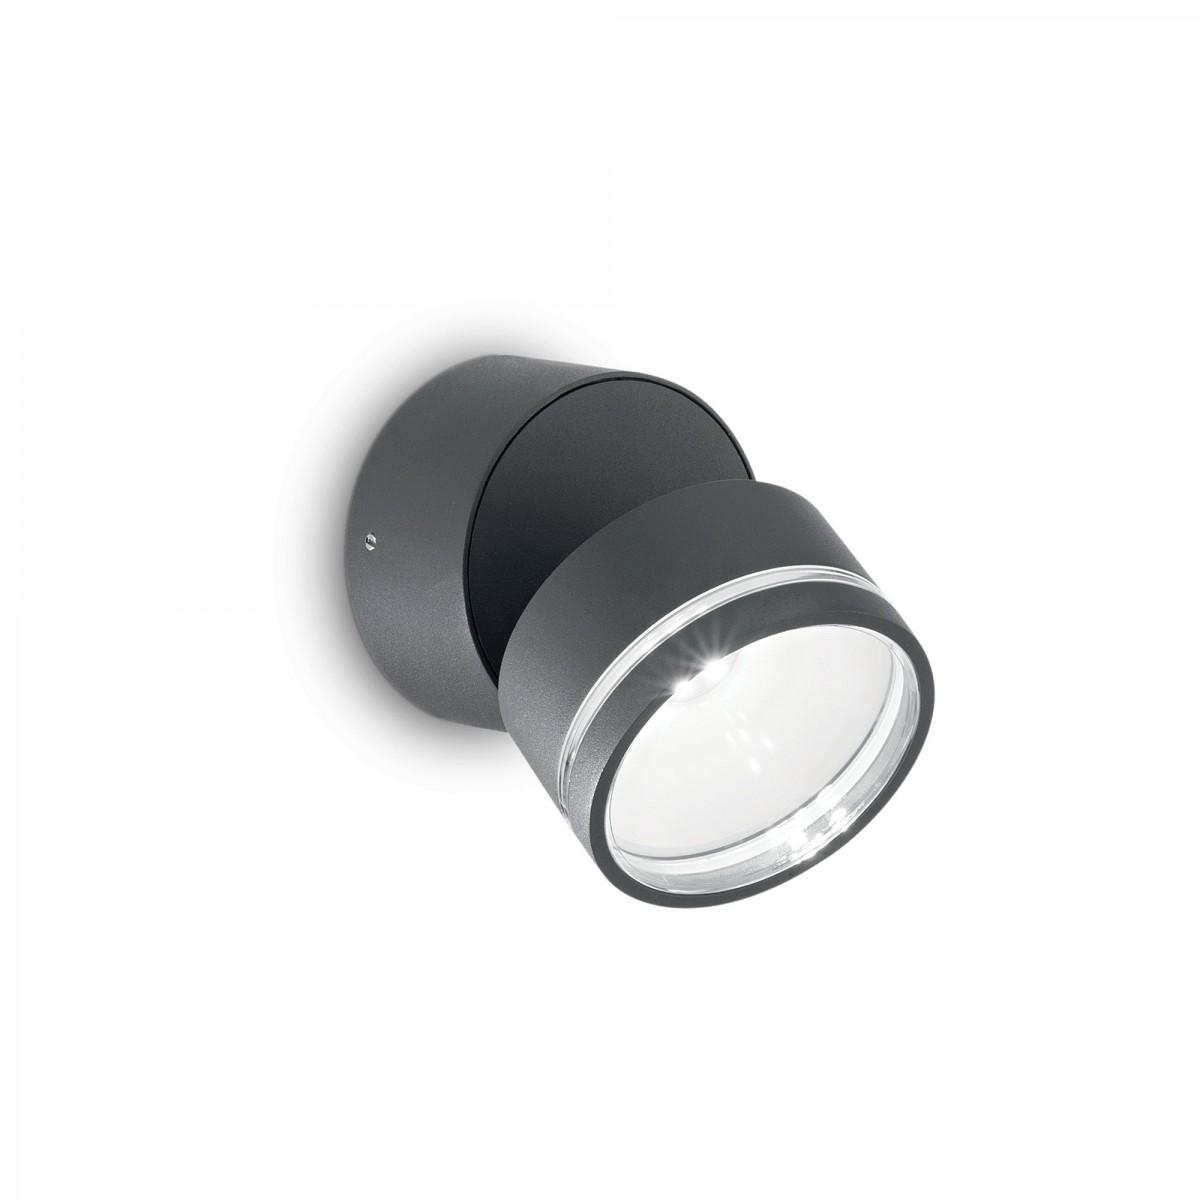 Ideal Lux 172552 LED venkovní nástěnné svítidlo Omega Round Antracite 1x7,3W|IP54 - antracitové